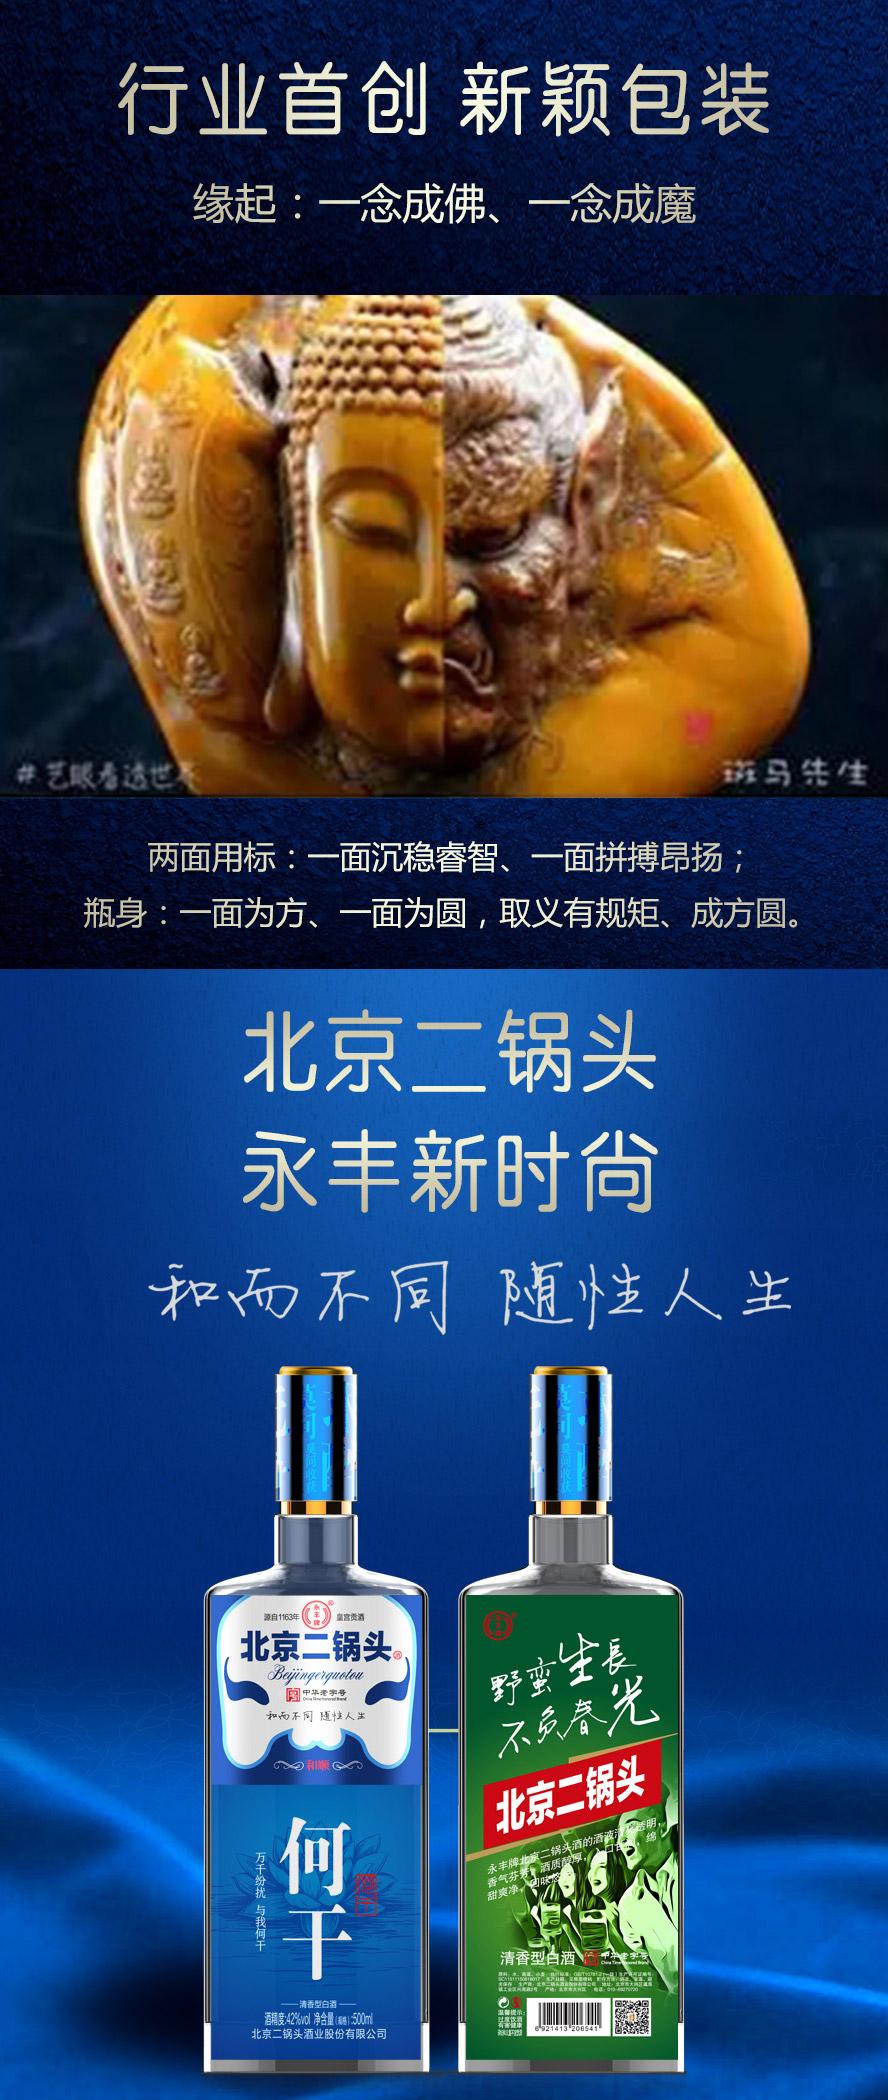 北京二锅头酒业股份有限公司和顺系列